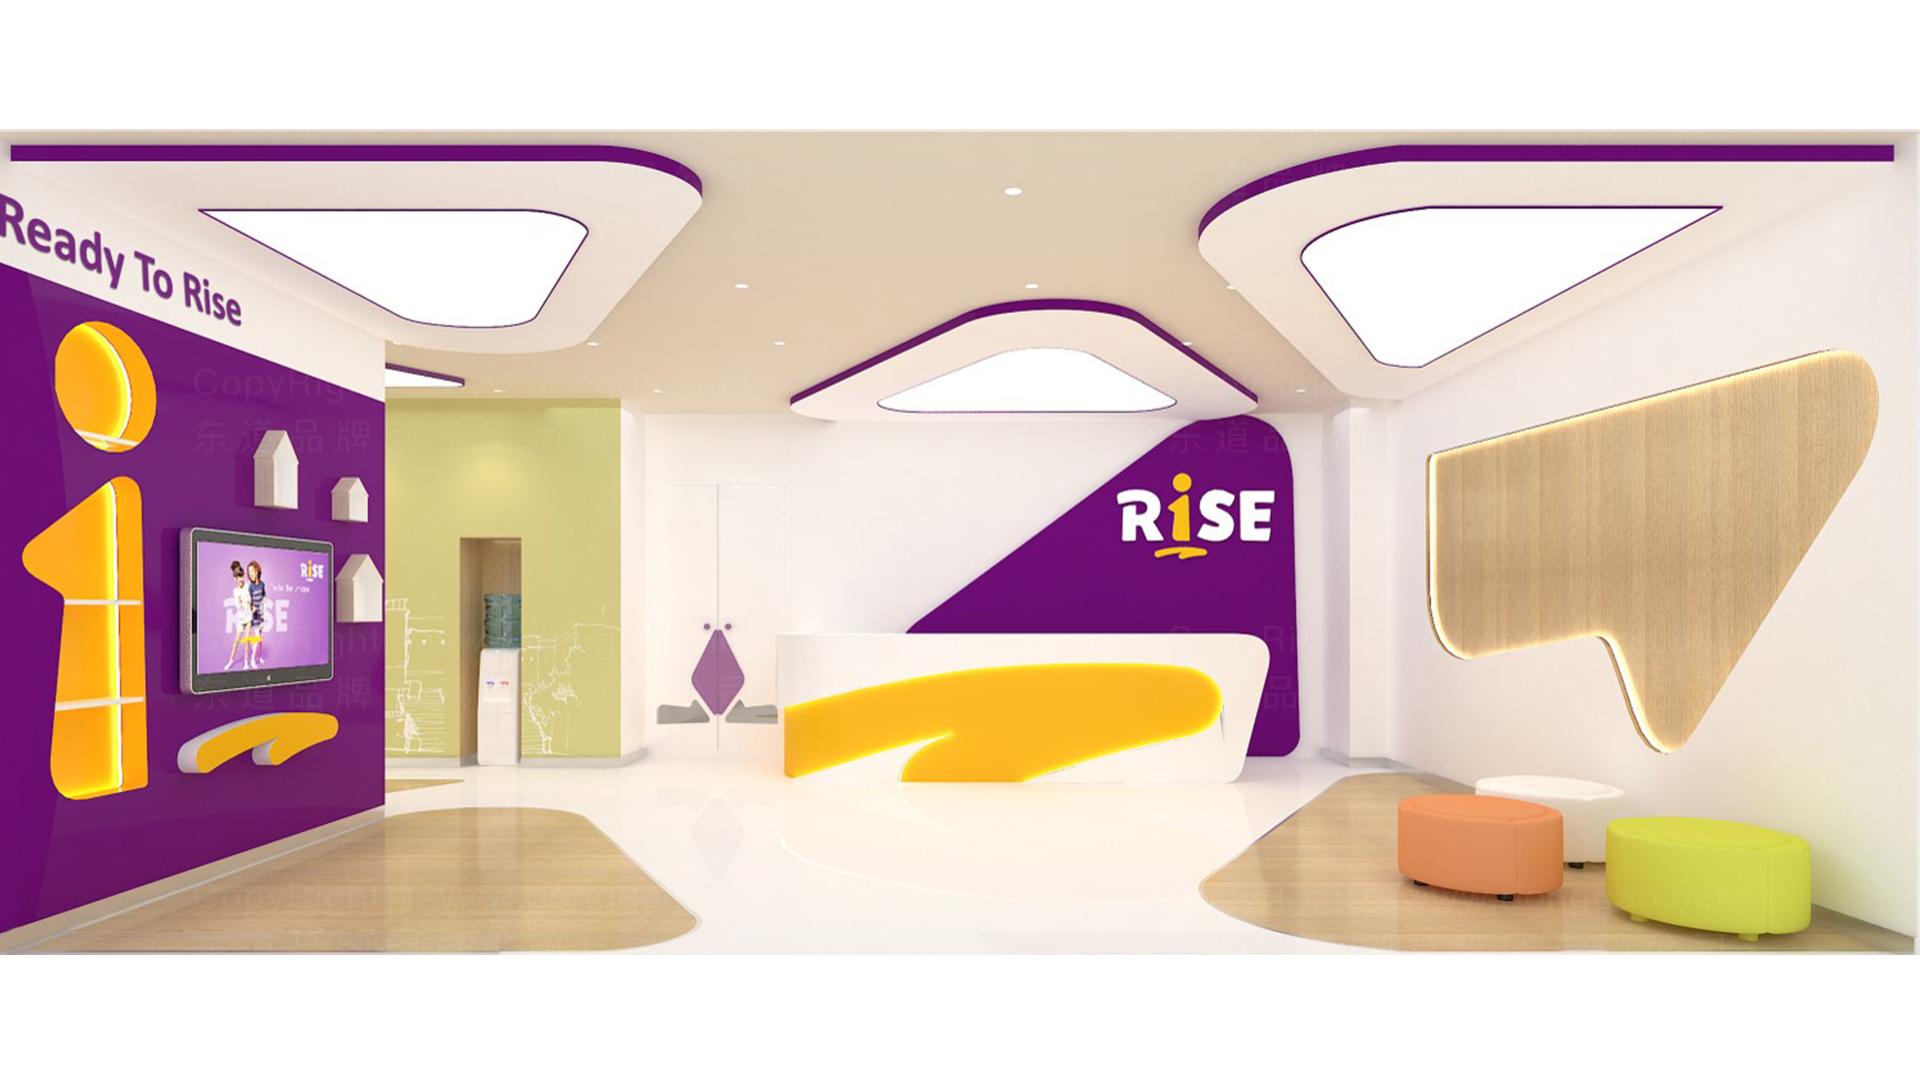 商业空间&导示瑞思SI门店概念设计应用